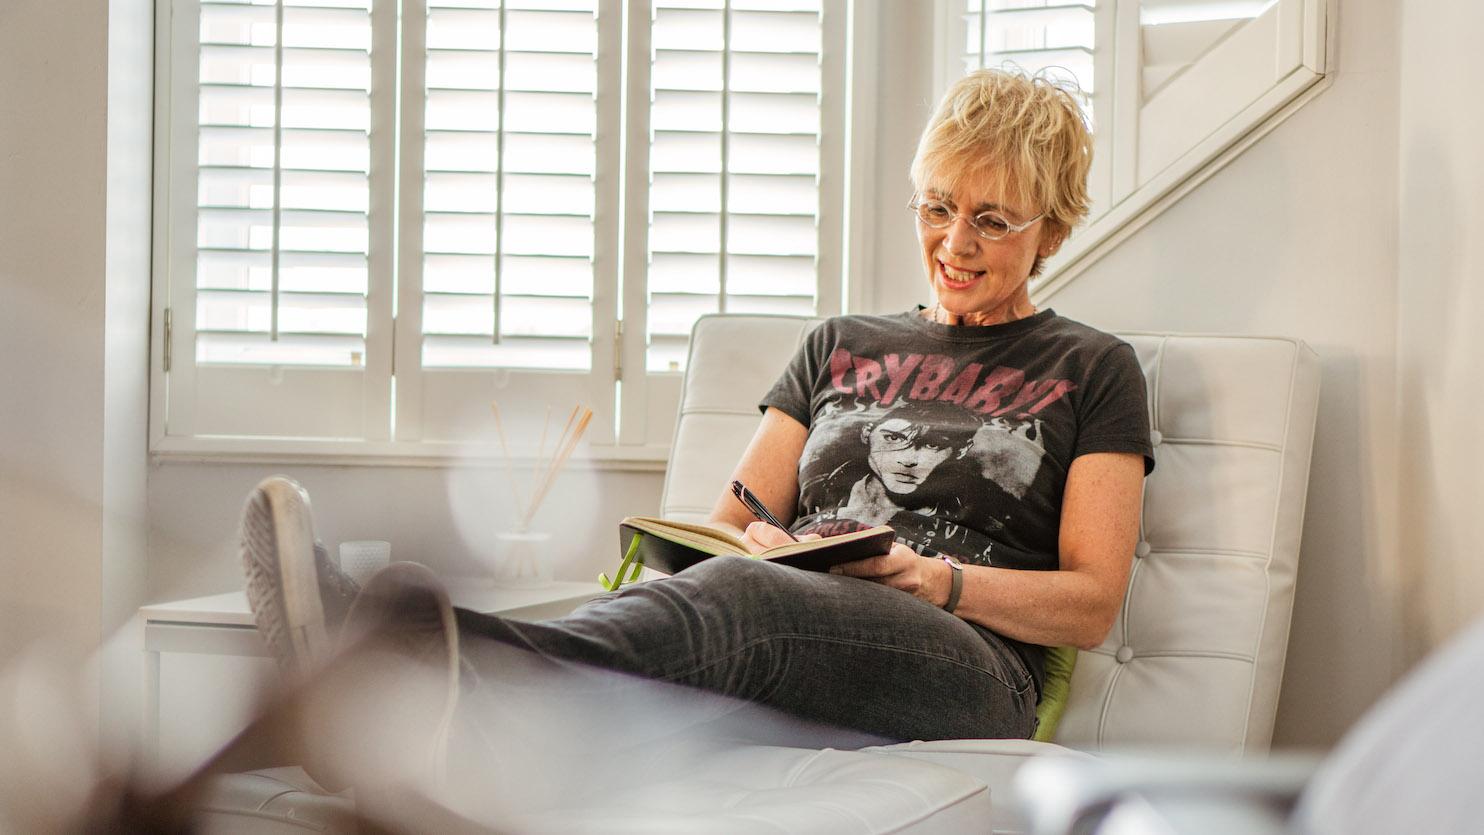 Kathy Muir at home